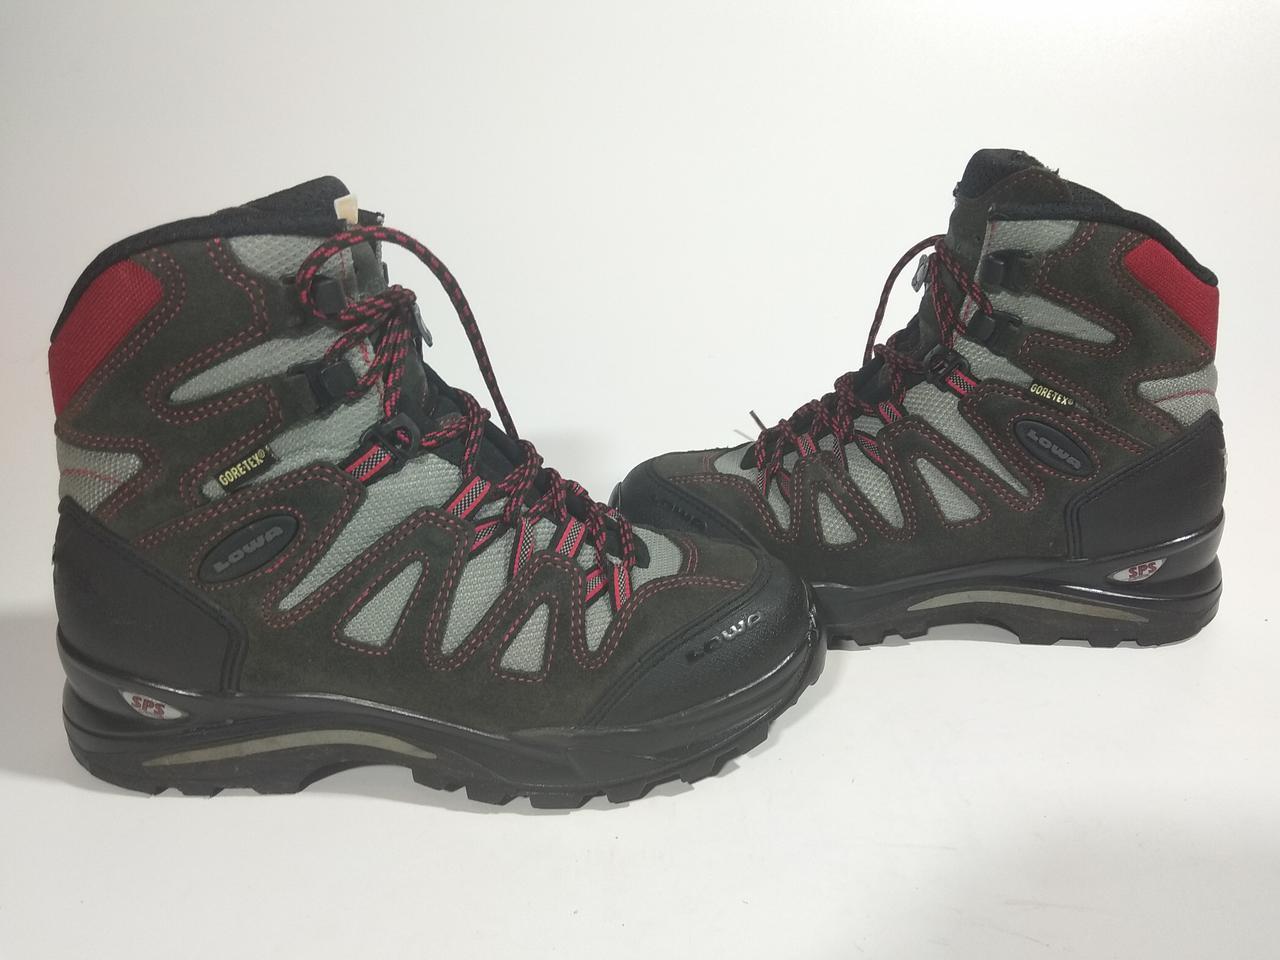 Трекинговые ботинки LOWA KHUMBU TC GTX Ws . Размер 37